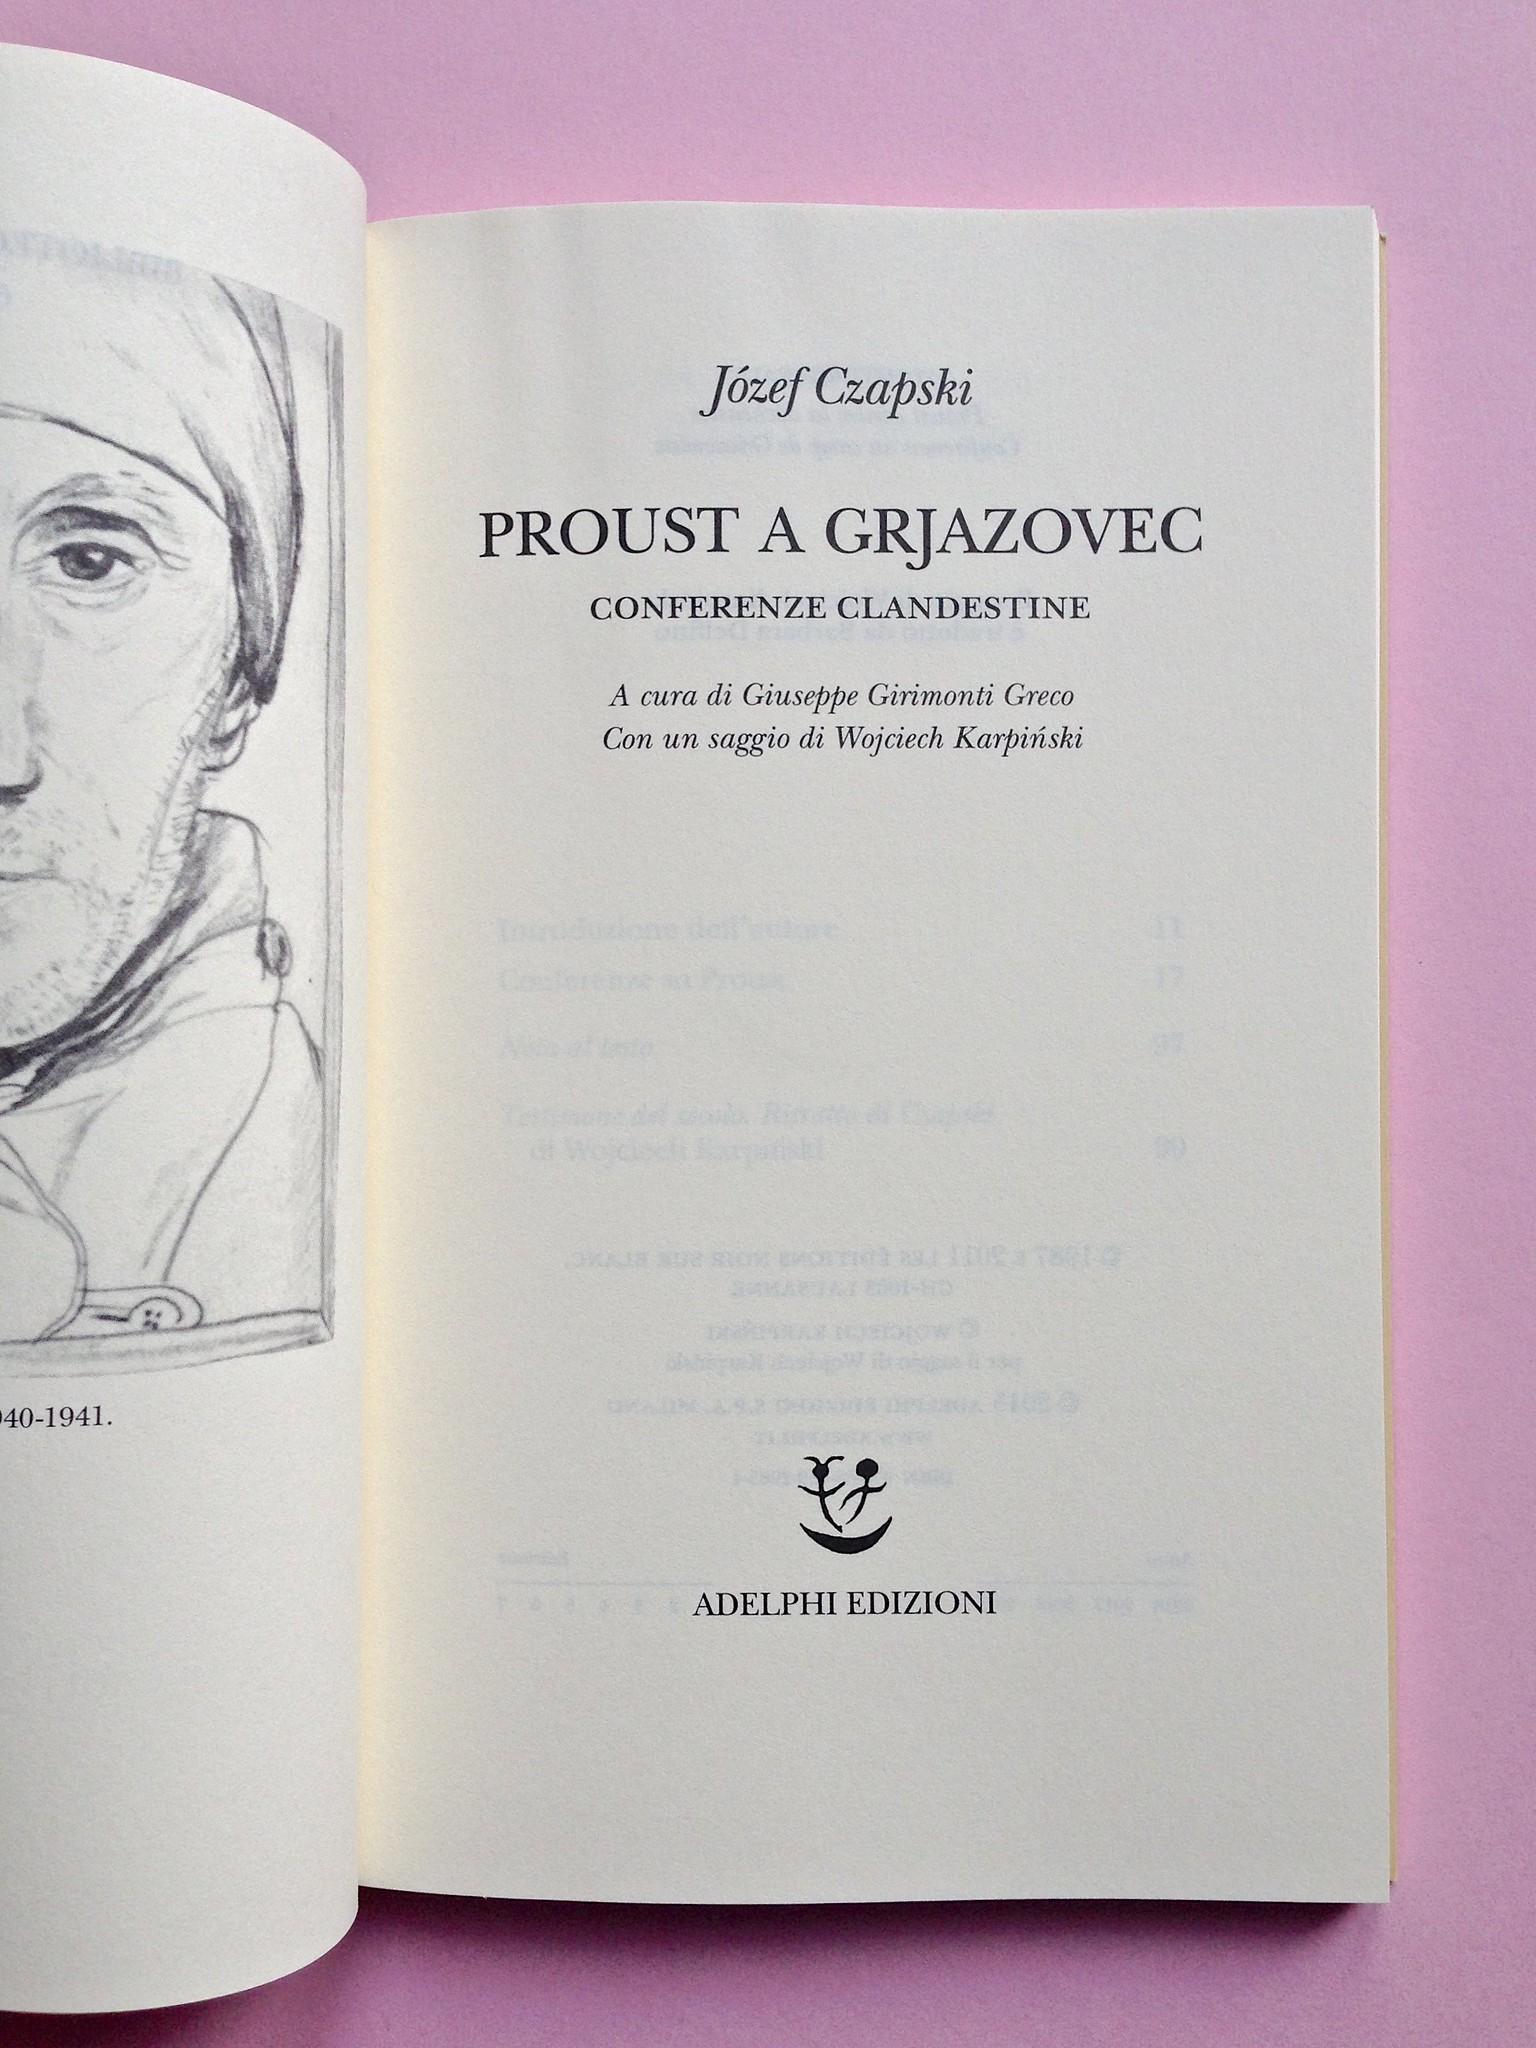 Proust a Grjazovec, di Józef Czapski. Adelphi 2015. Resp. grafica non indicata. Verso della p. dell'occhiello, frontespizio, a pag. 4 e 5 (part.), 1